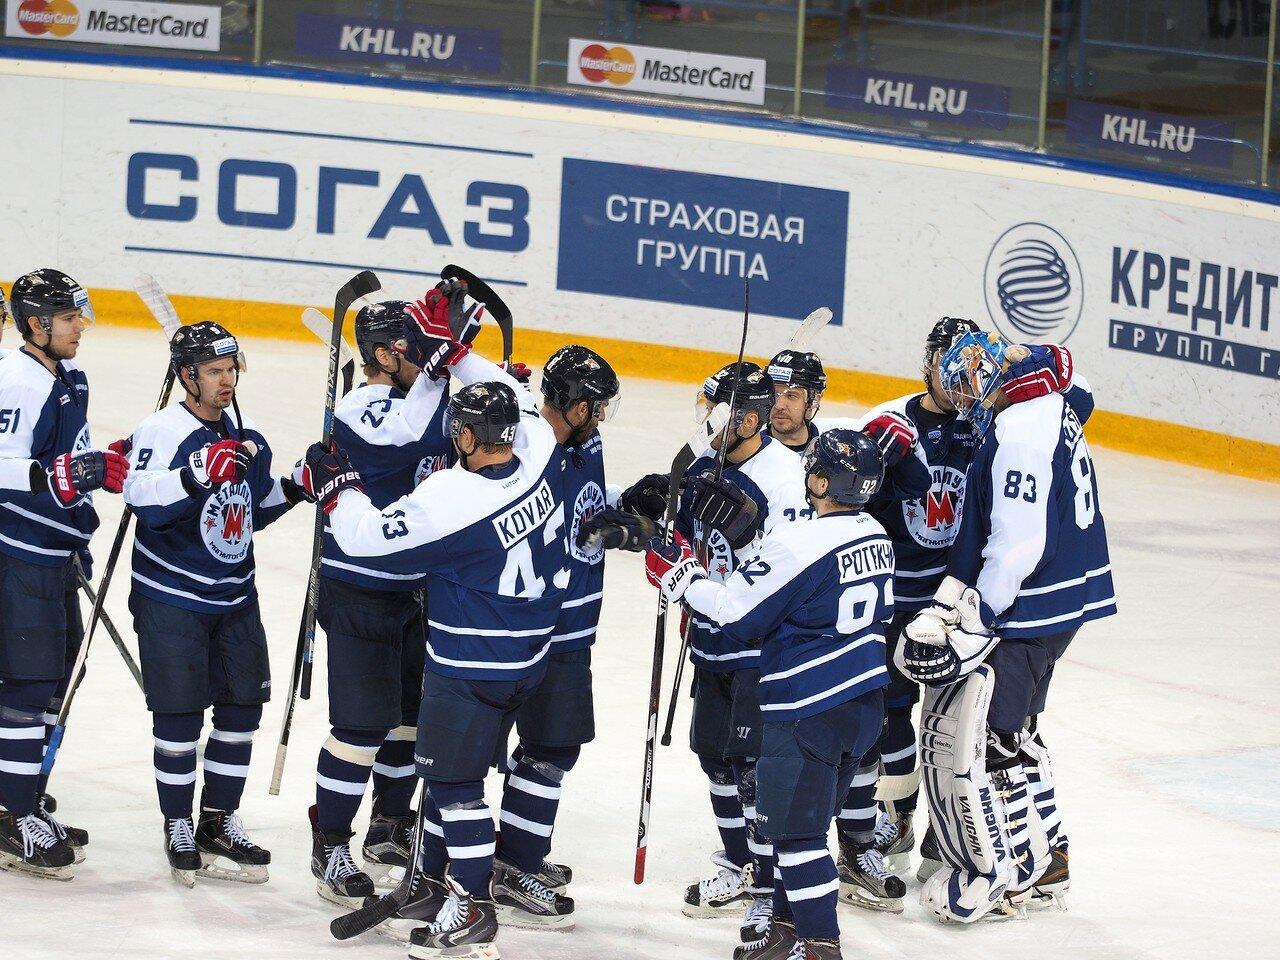 120Металлург - Динамо Москва 28.12.2015